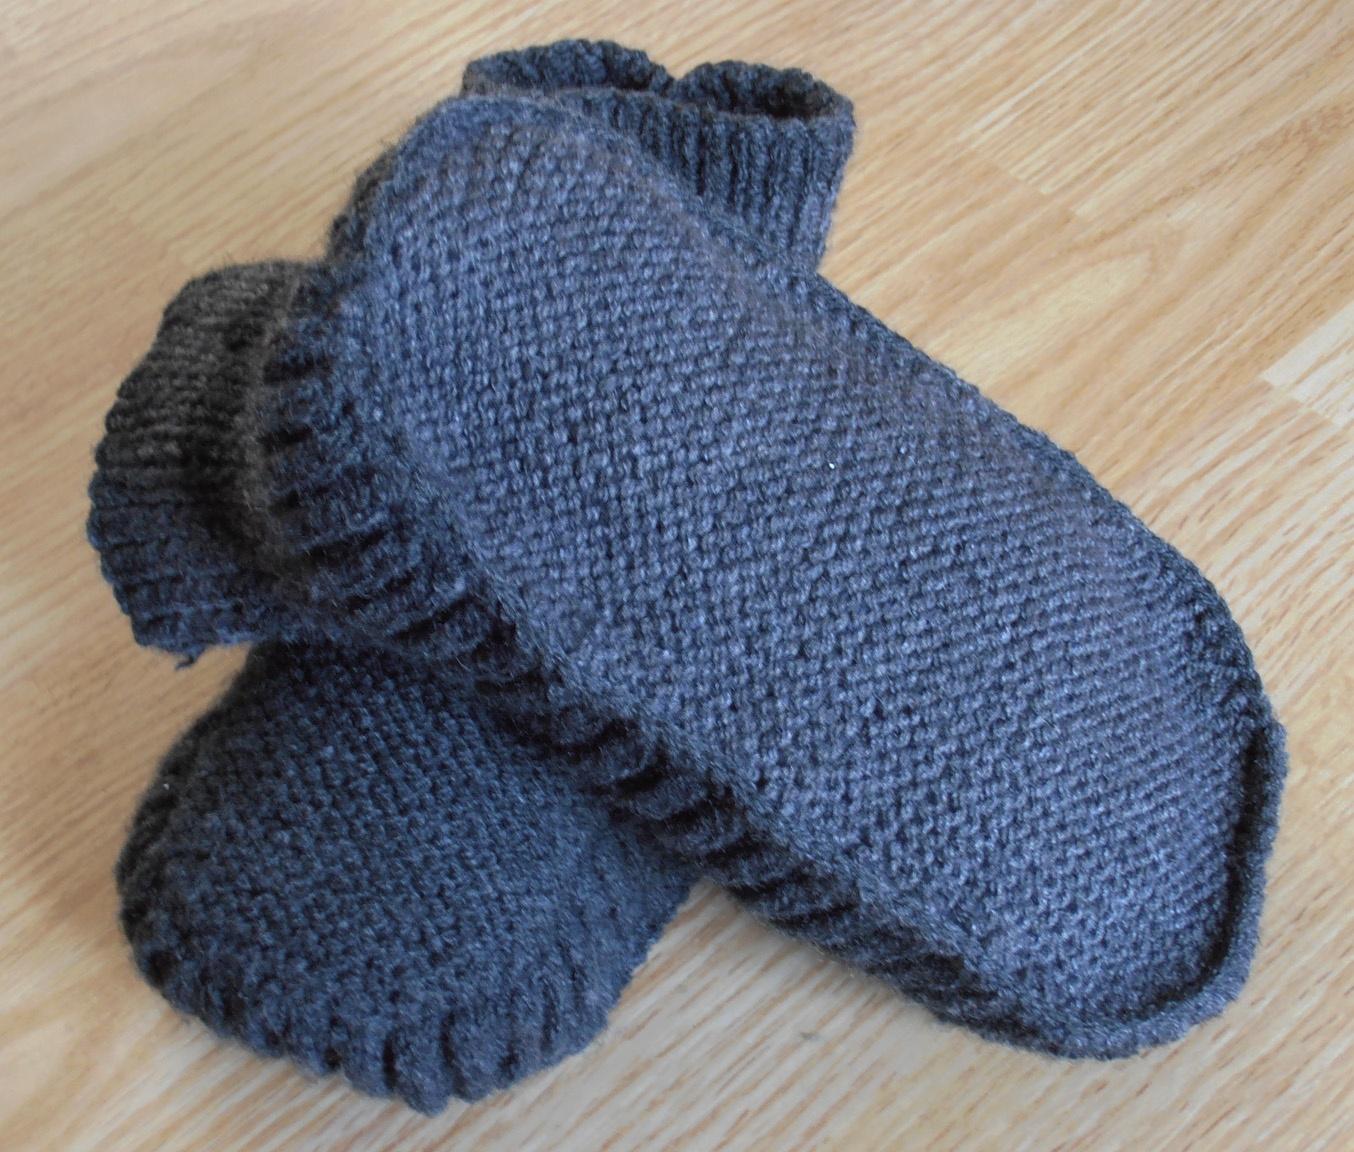 tricoter chaussettes facile video - idées de tricot gratuit